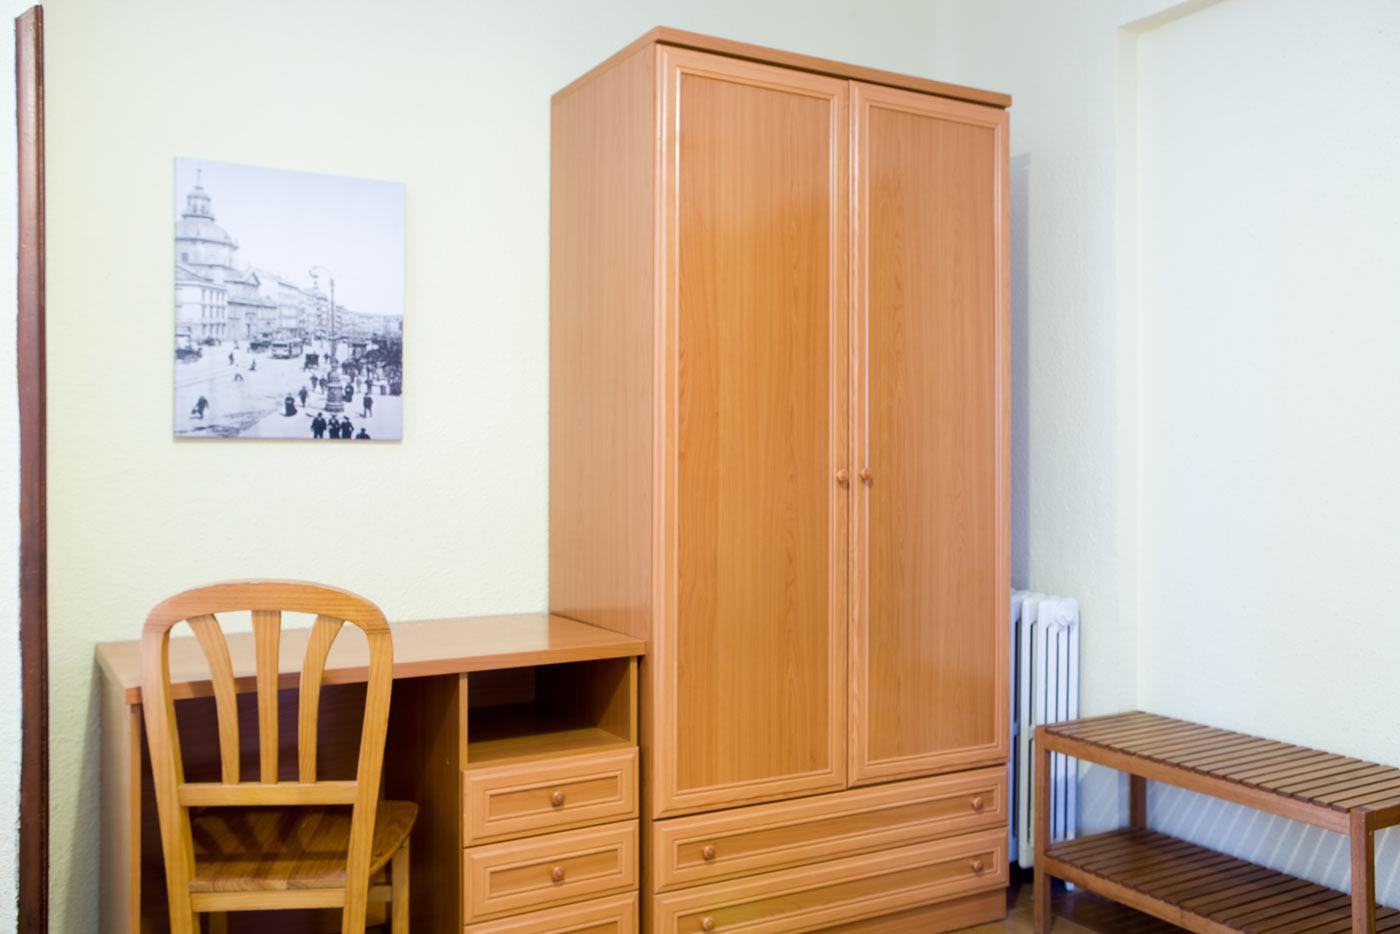 habitaciones_galeria_triple05